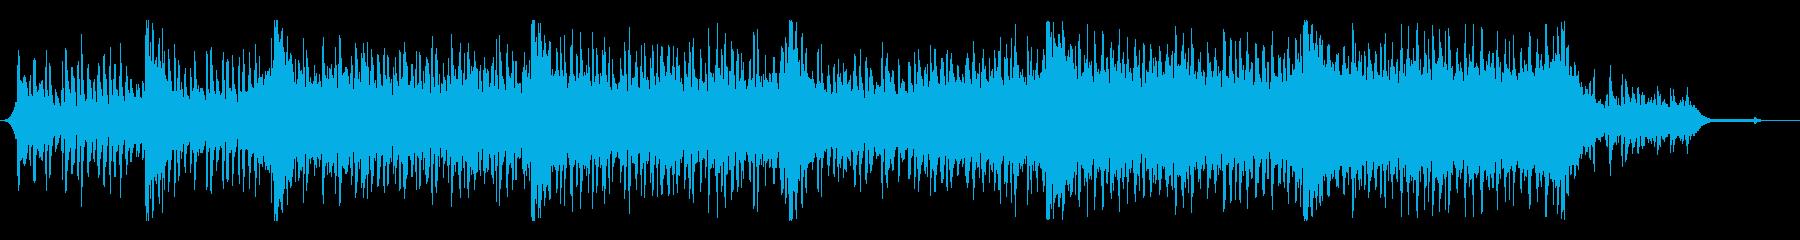 高揚感のある爽やかなオーケストラ曲の再生済みの波形